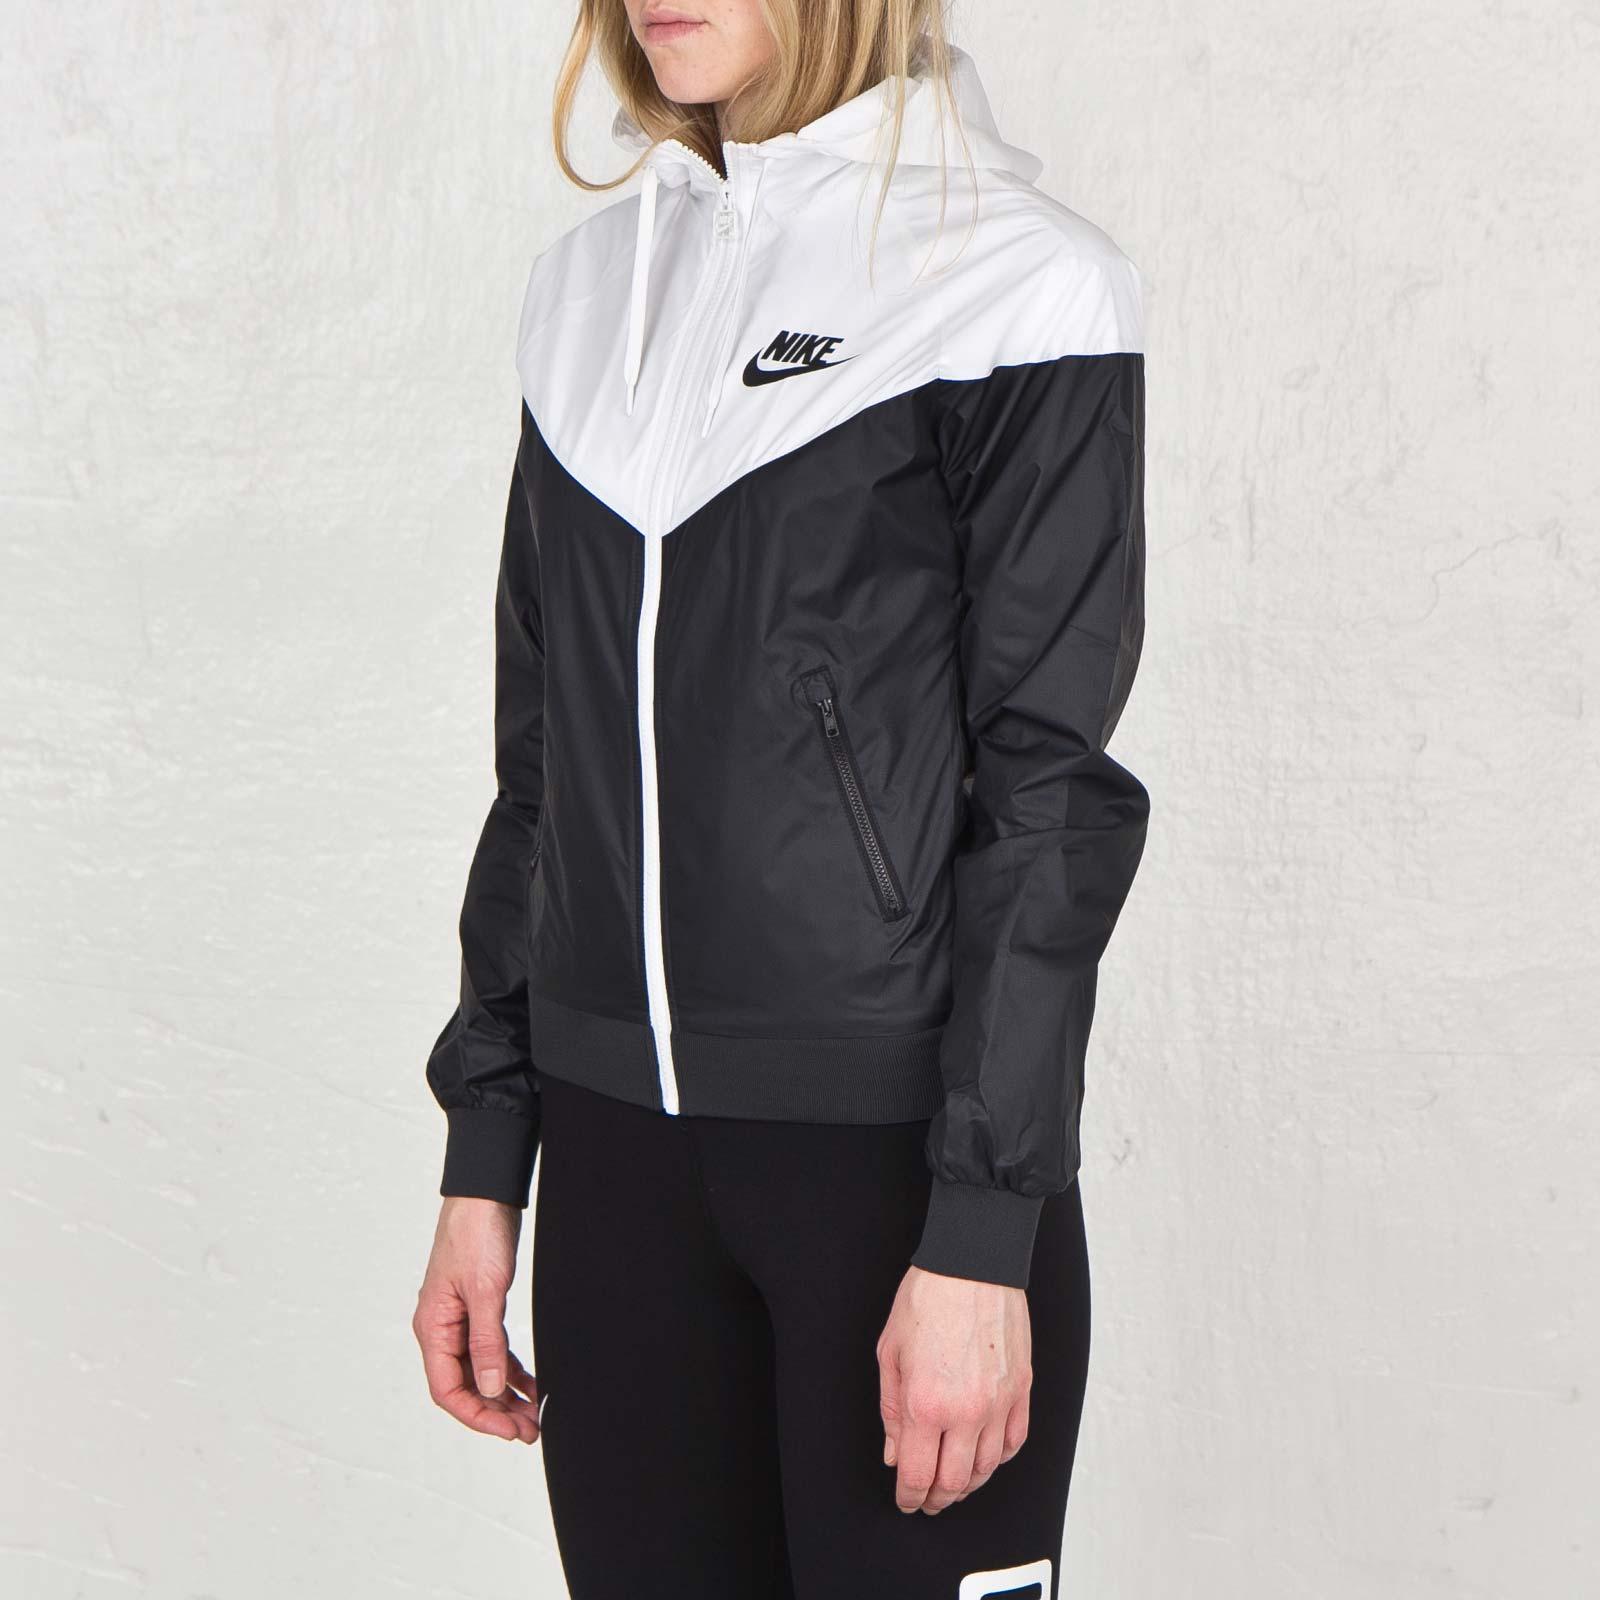 3a365f6830 ... Womens Jacket - voltwhiteblack Nike  new arrival 94c8c 9fc4c Nike  Windrunner Nike Windrunner .. ...